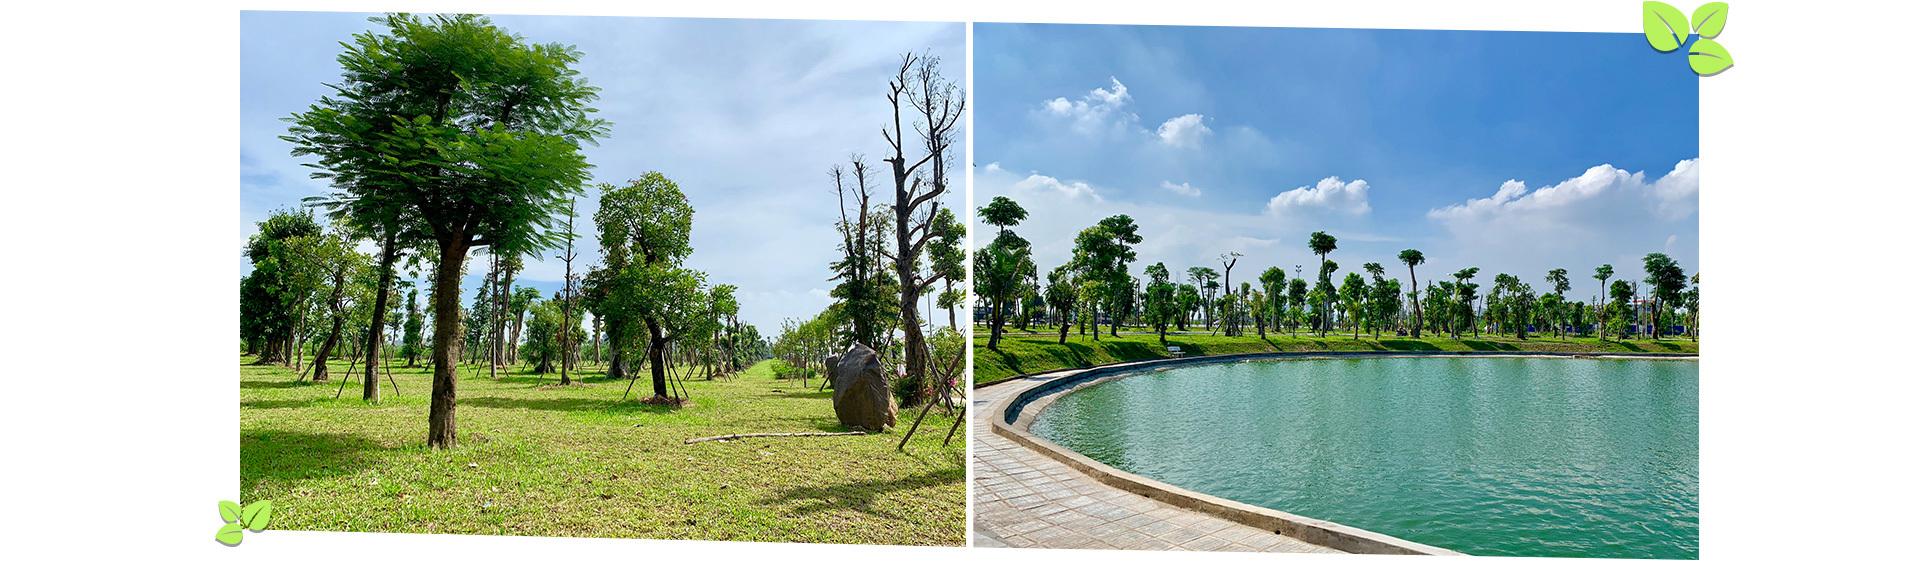 Bên trong khu đô thị 'phủ xanh' giữa lòng Hà Nội Bên trong khu đô thị 'phủ xanh' giữa lòng Hà Nội Anh 2 6129 1565951851